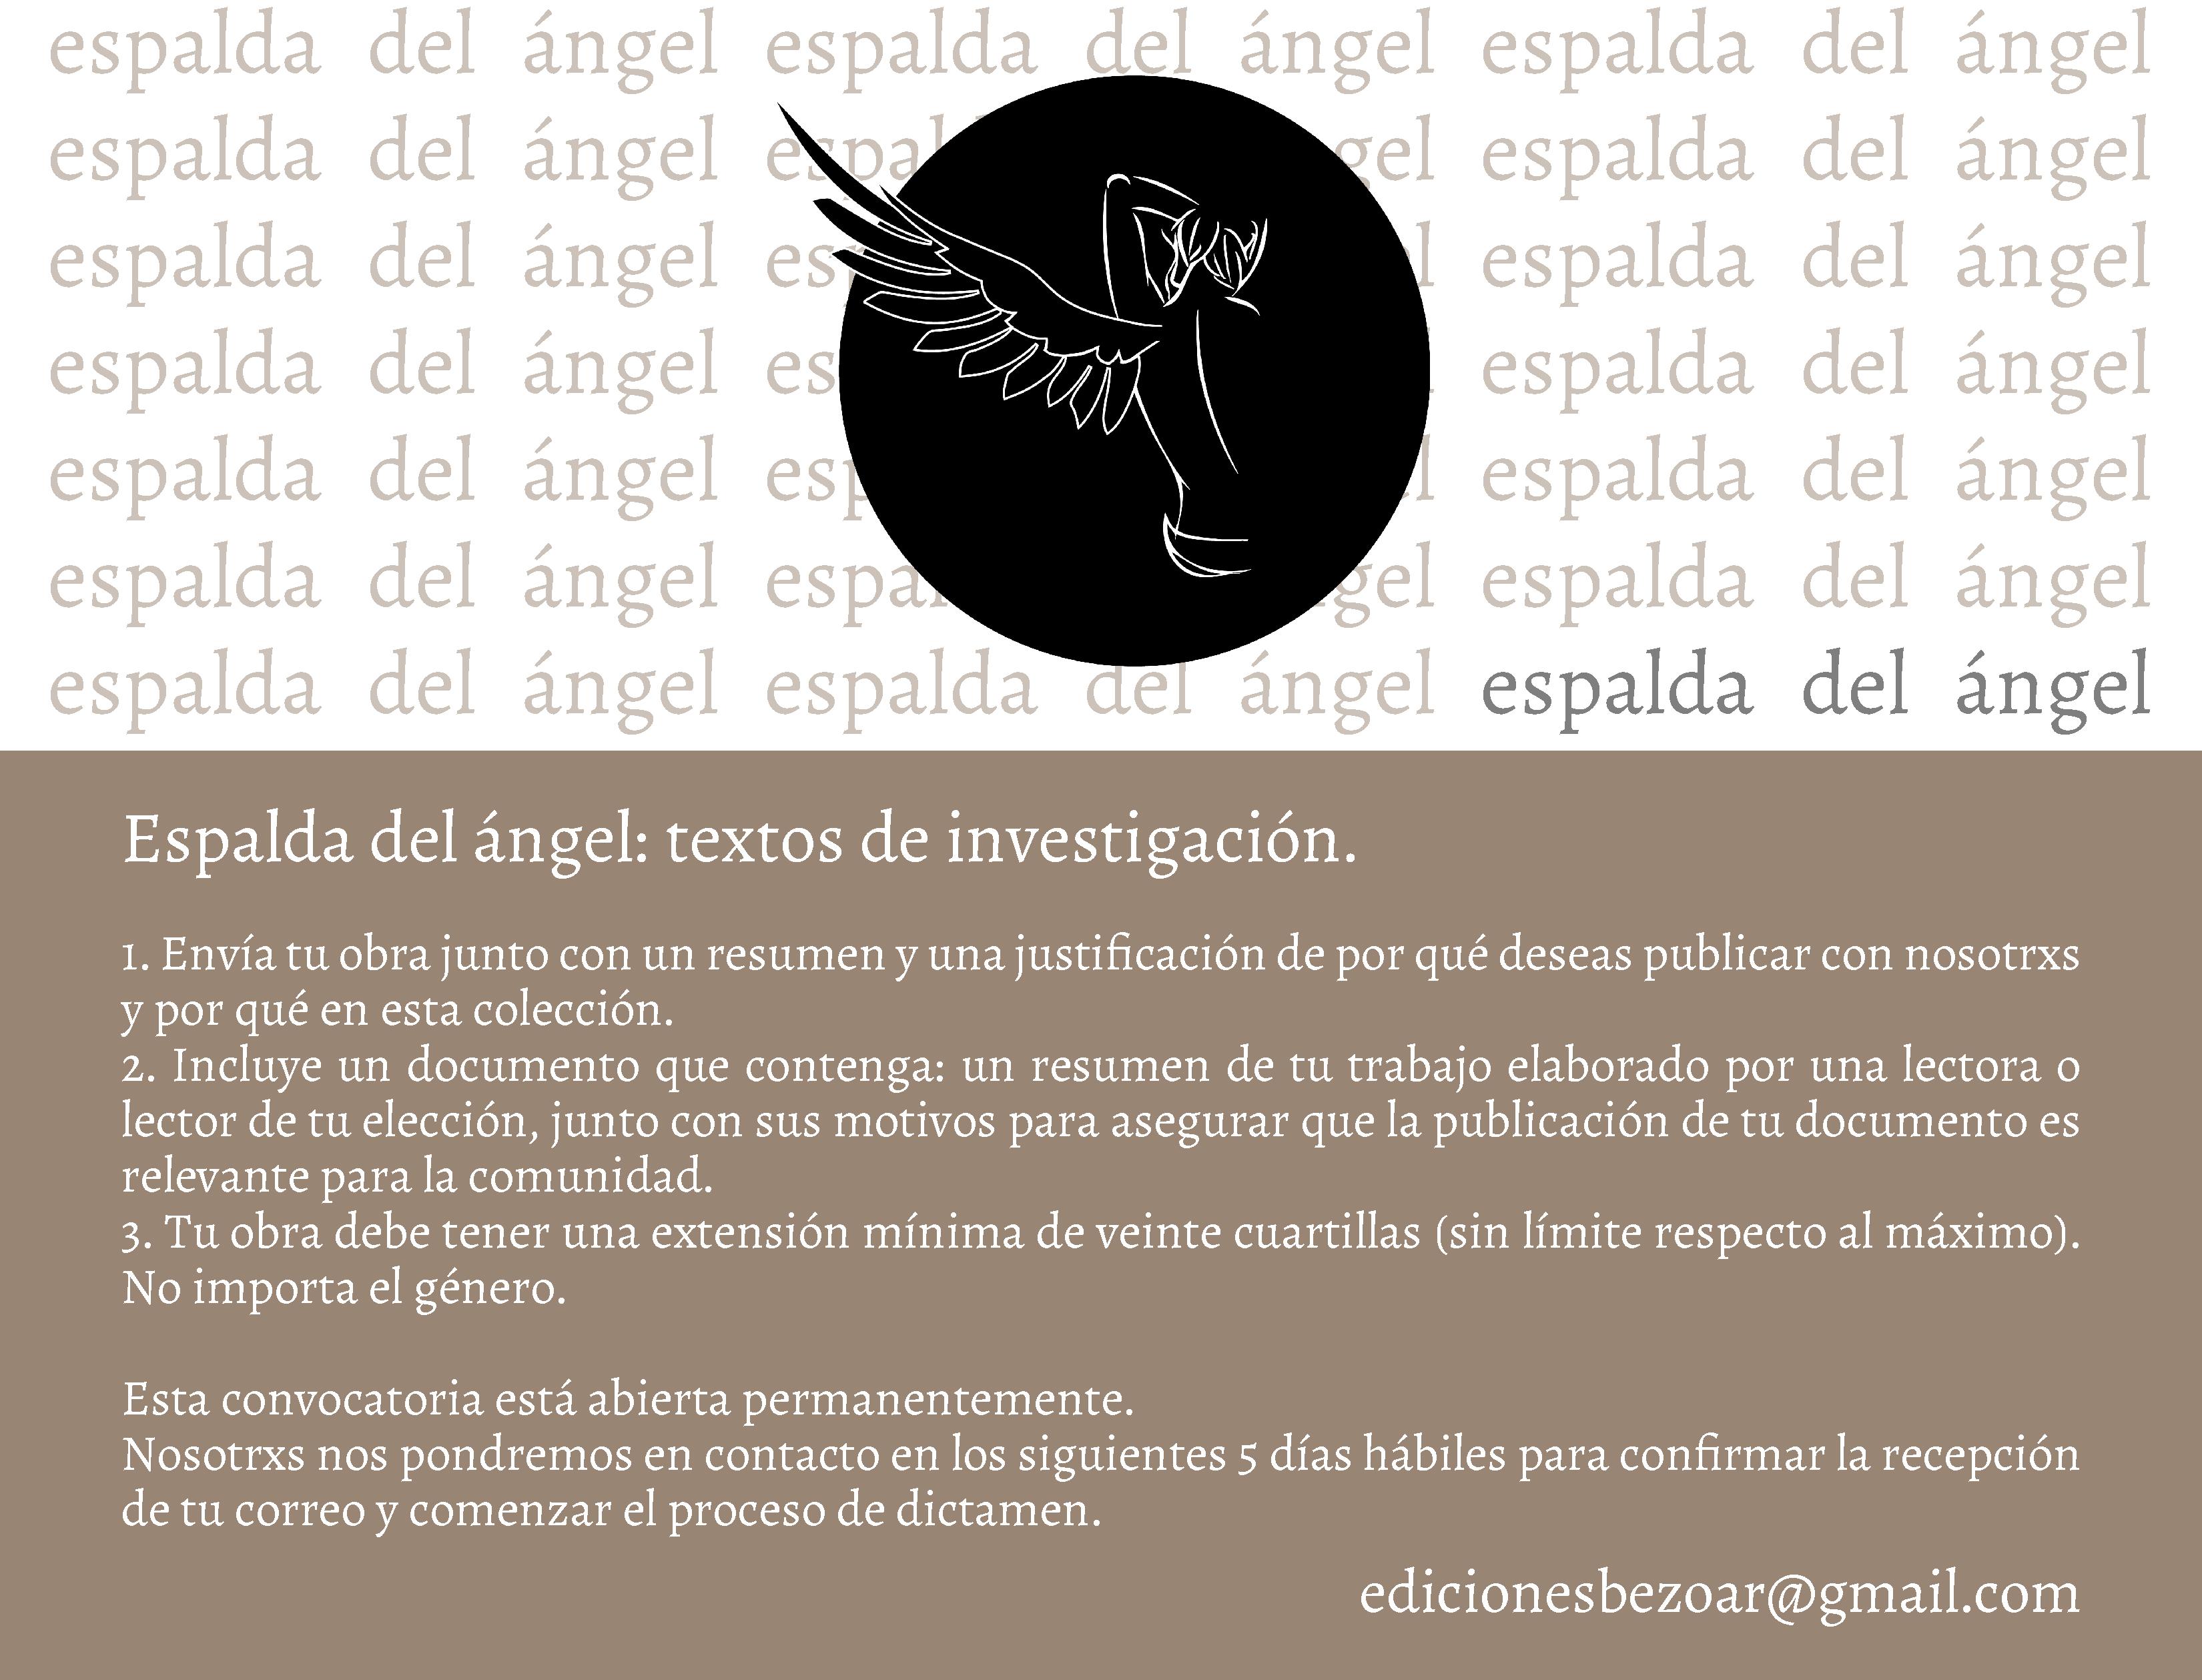 La espalda del ángel